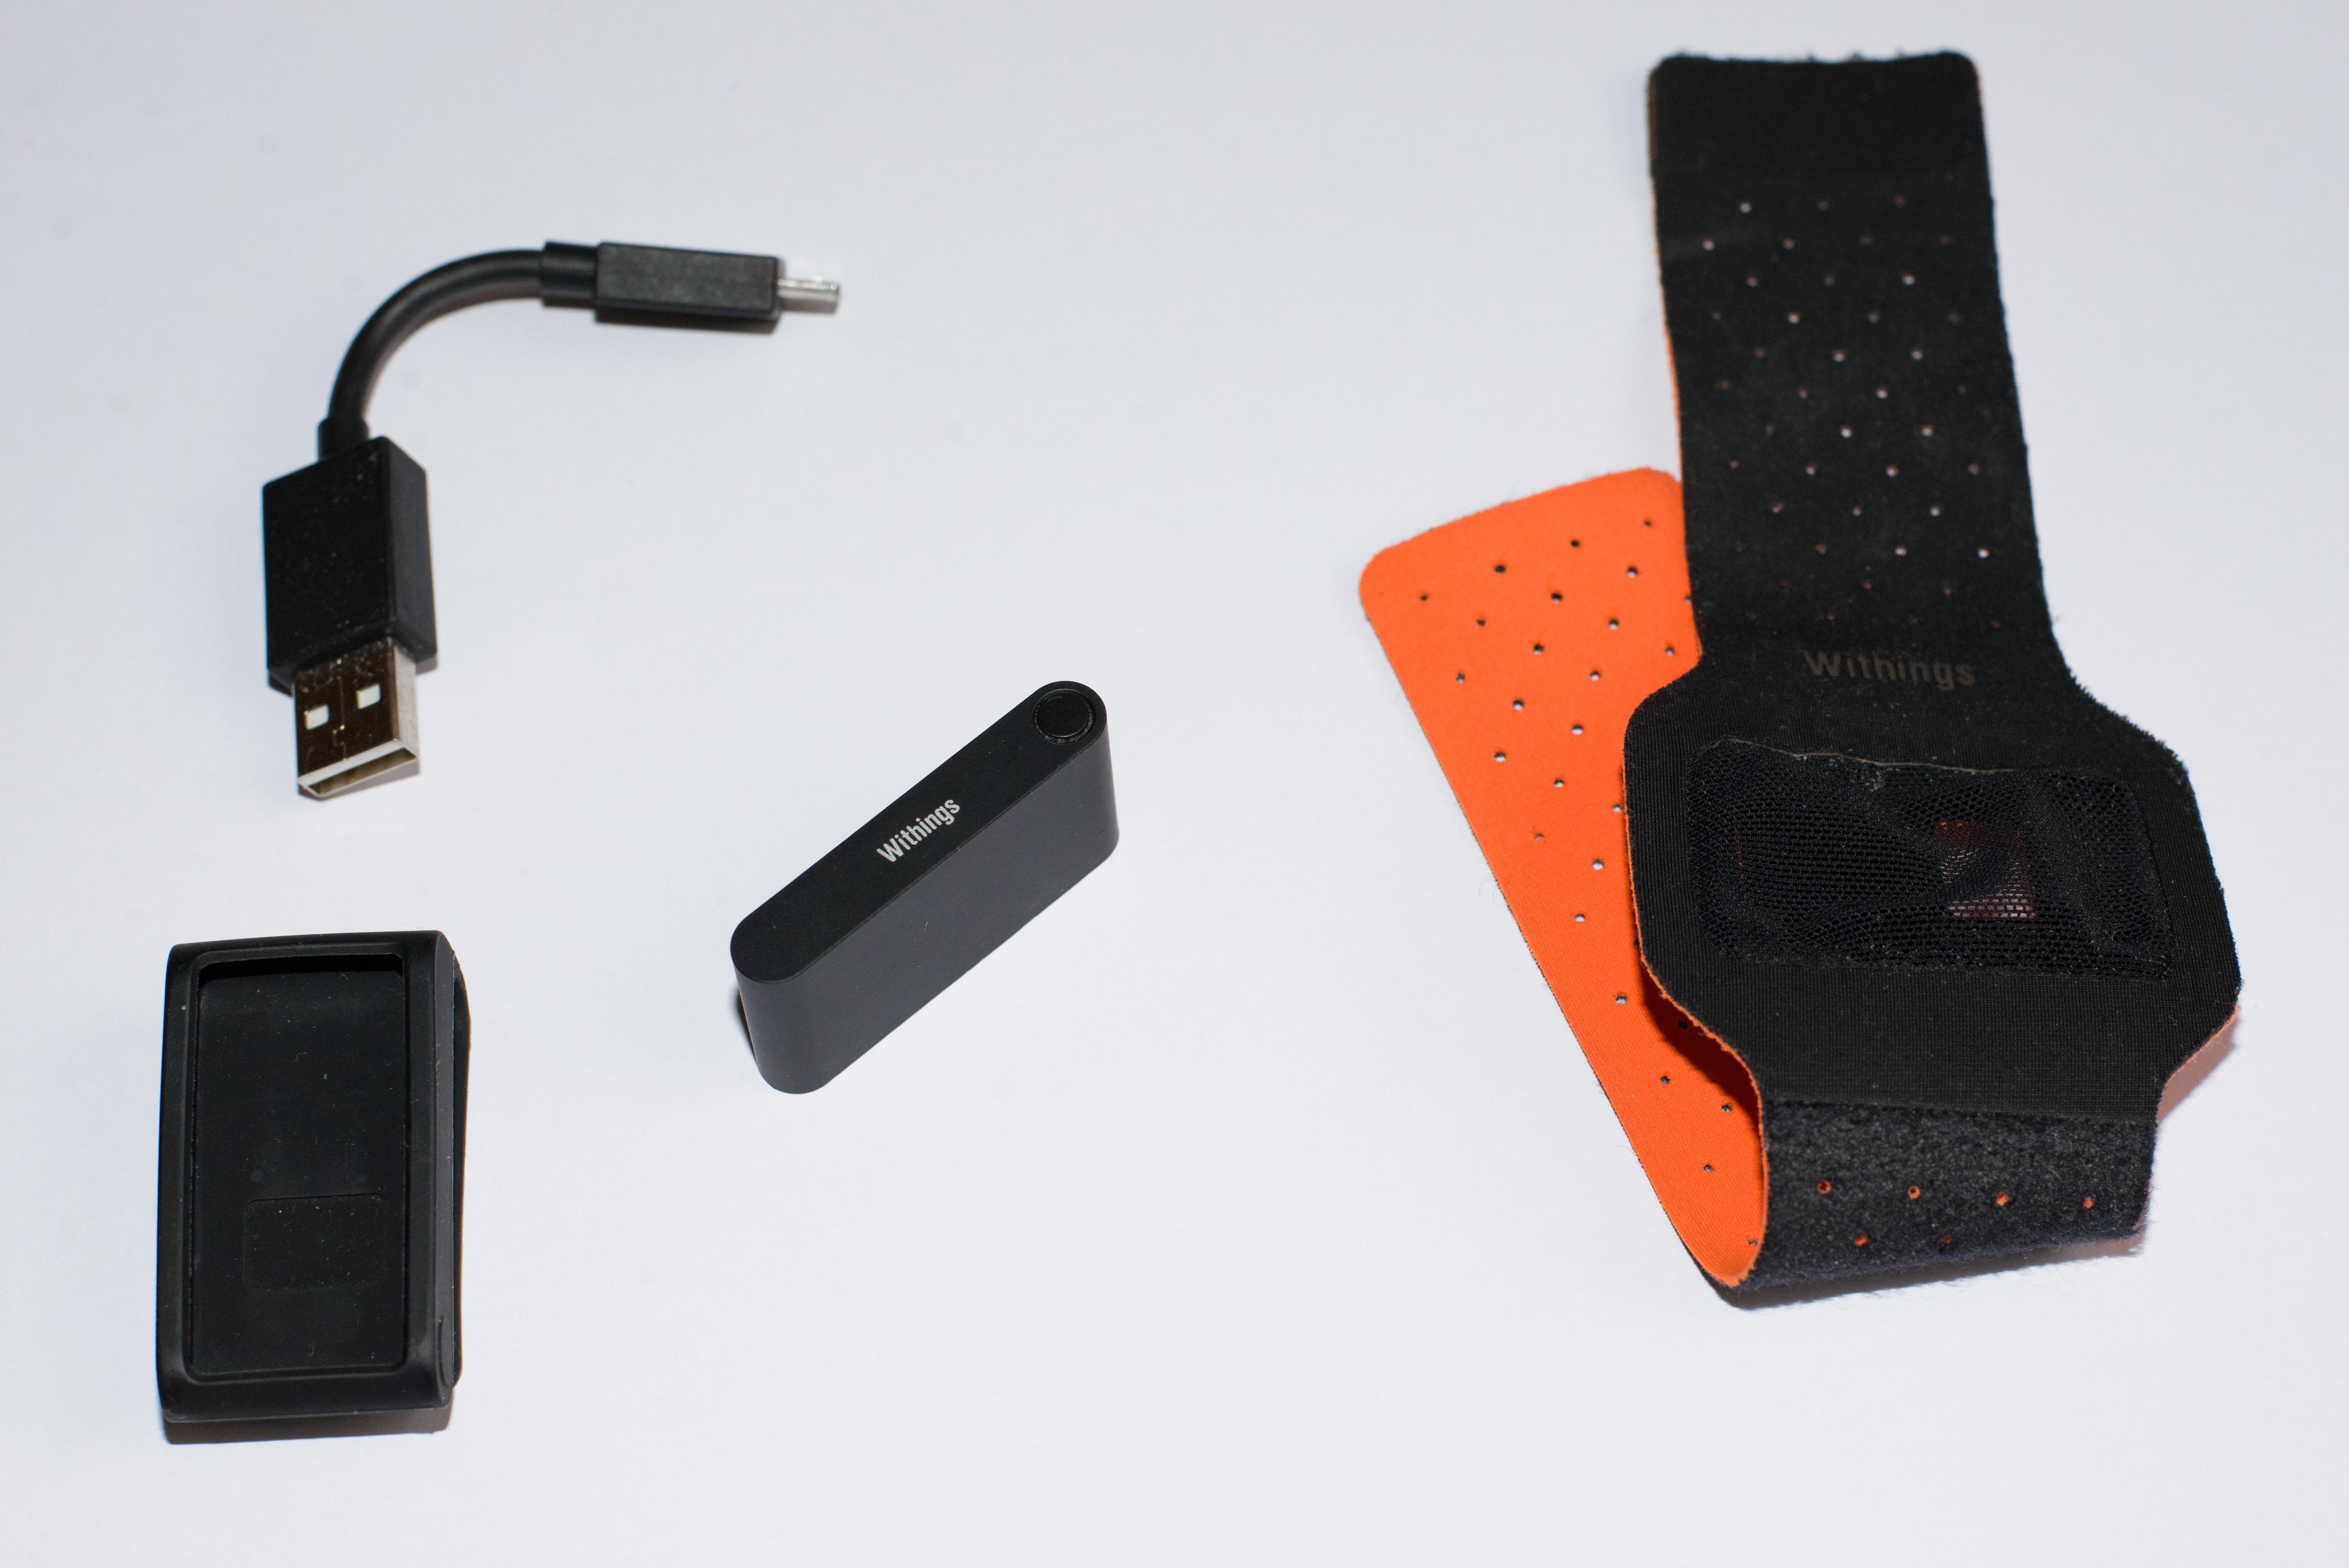 Contenu de la boîte  un clip, un câble chargeur USB, un bracelet nuit